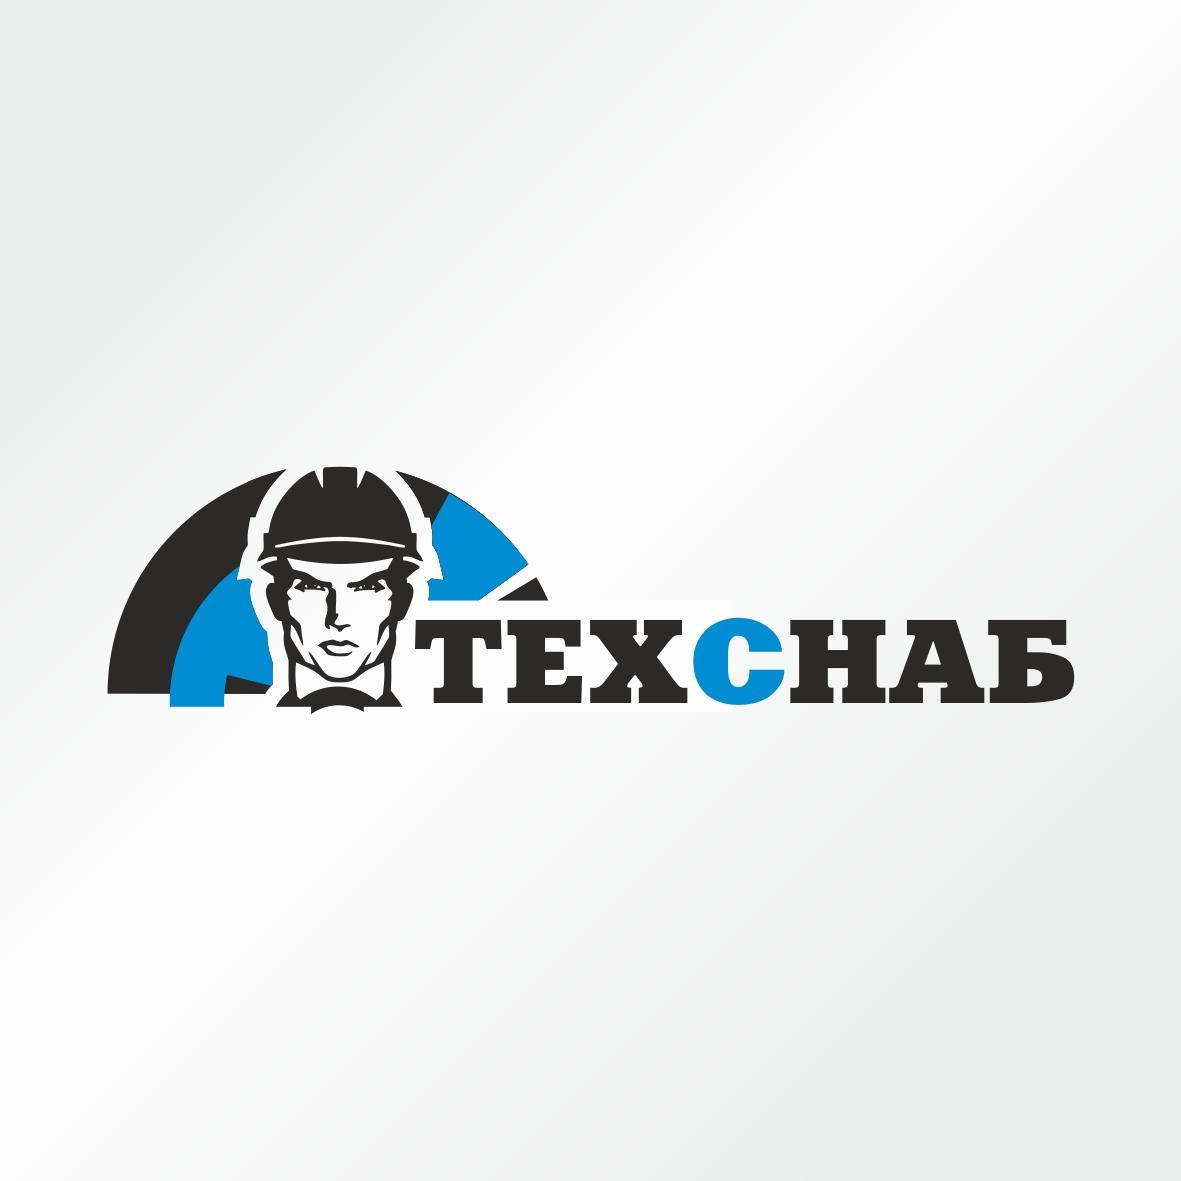 Разработка логотипа и фирм. стиля компании  ТЕХСНАБ фото f_2485b21511364220.jpg